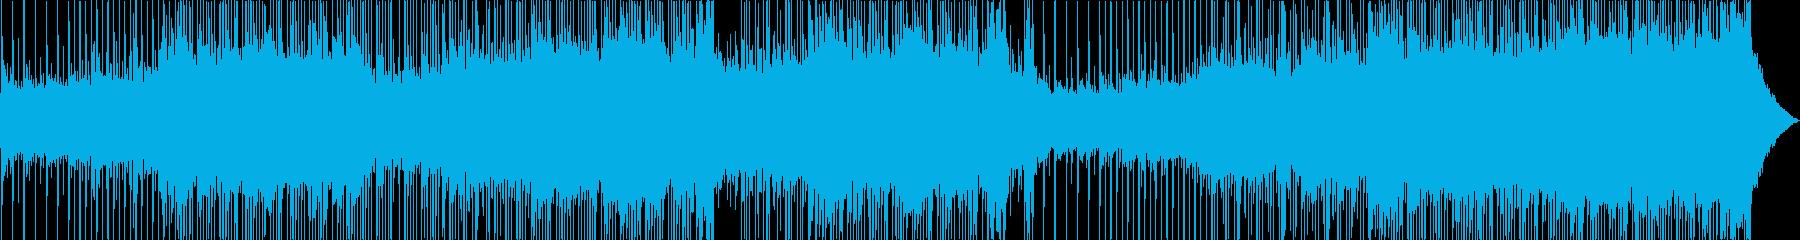 ピアノ、グロッケンシュピール、ギタ...の再生済みの波形